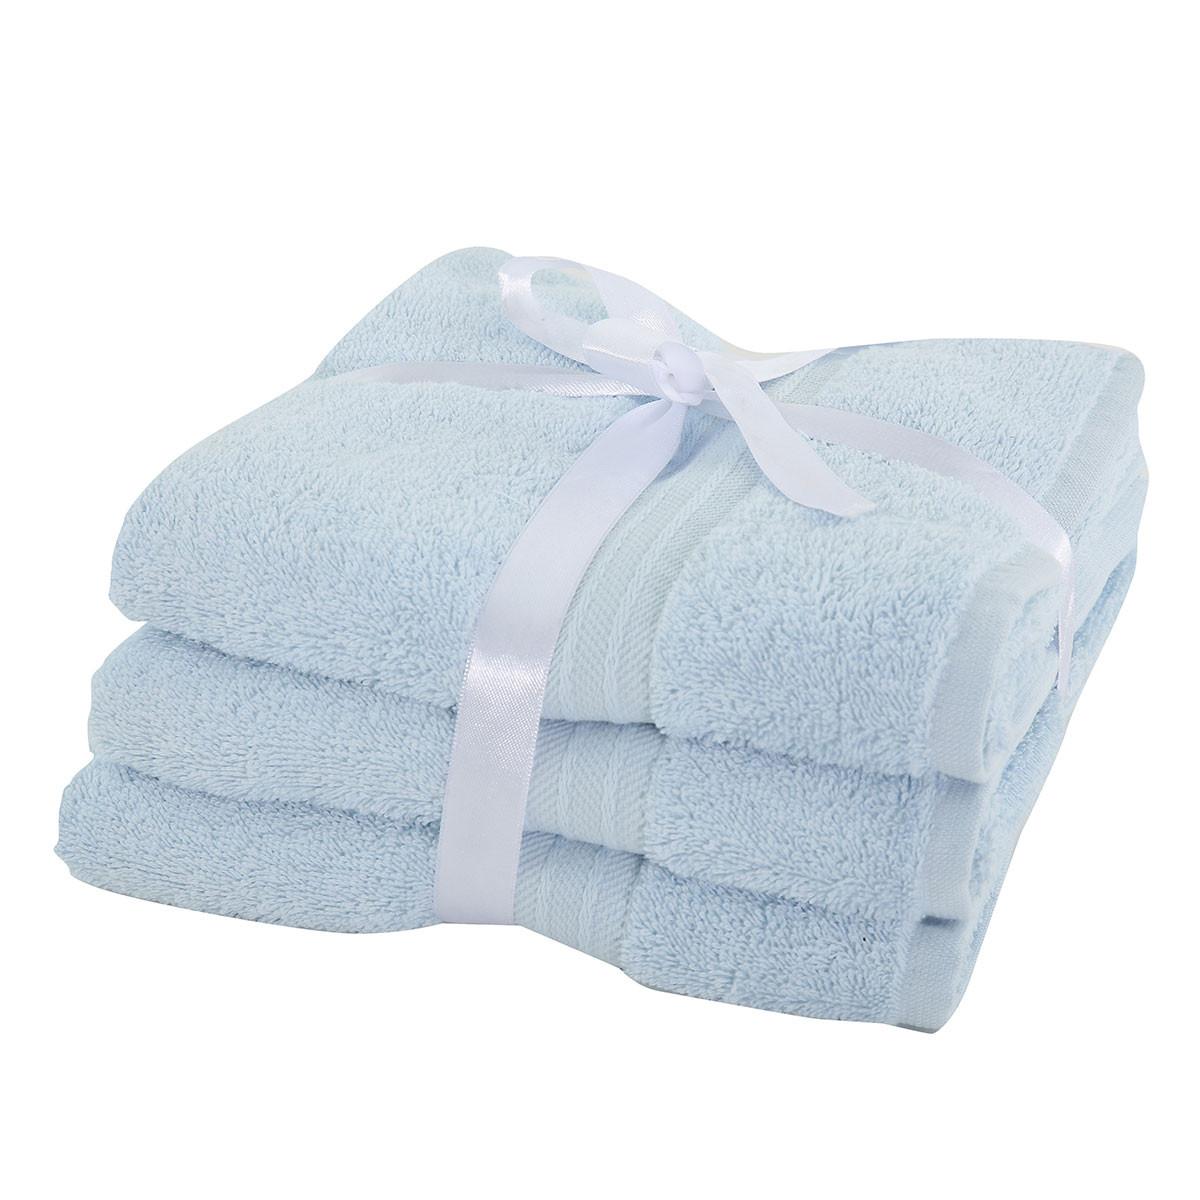 Πετσέτες Προσώπου (Σετ 3τμχ) Nef-Nef Cosy Blue